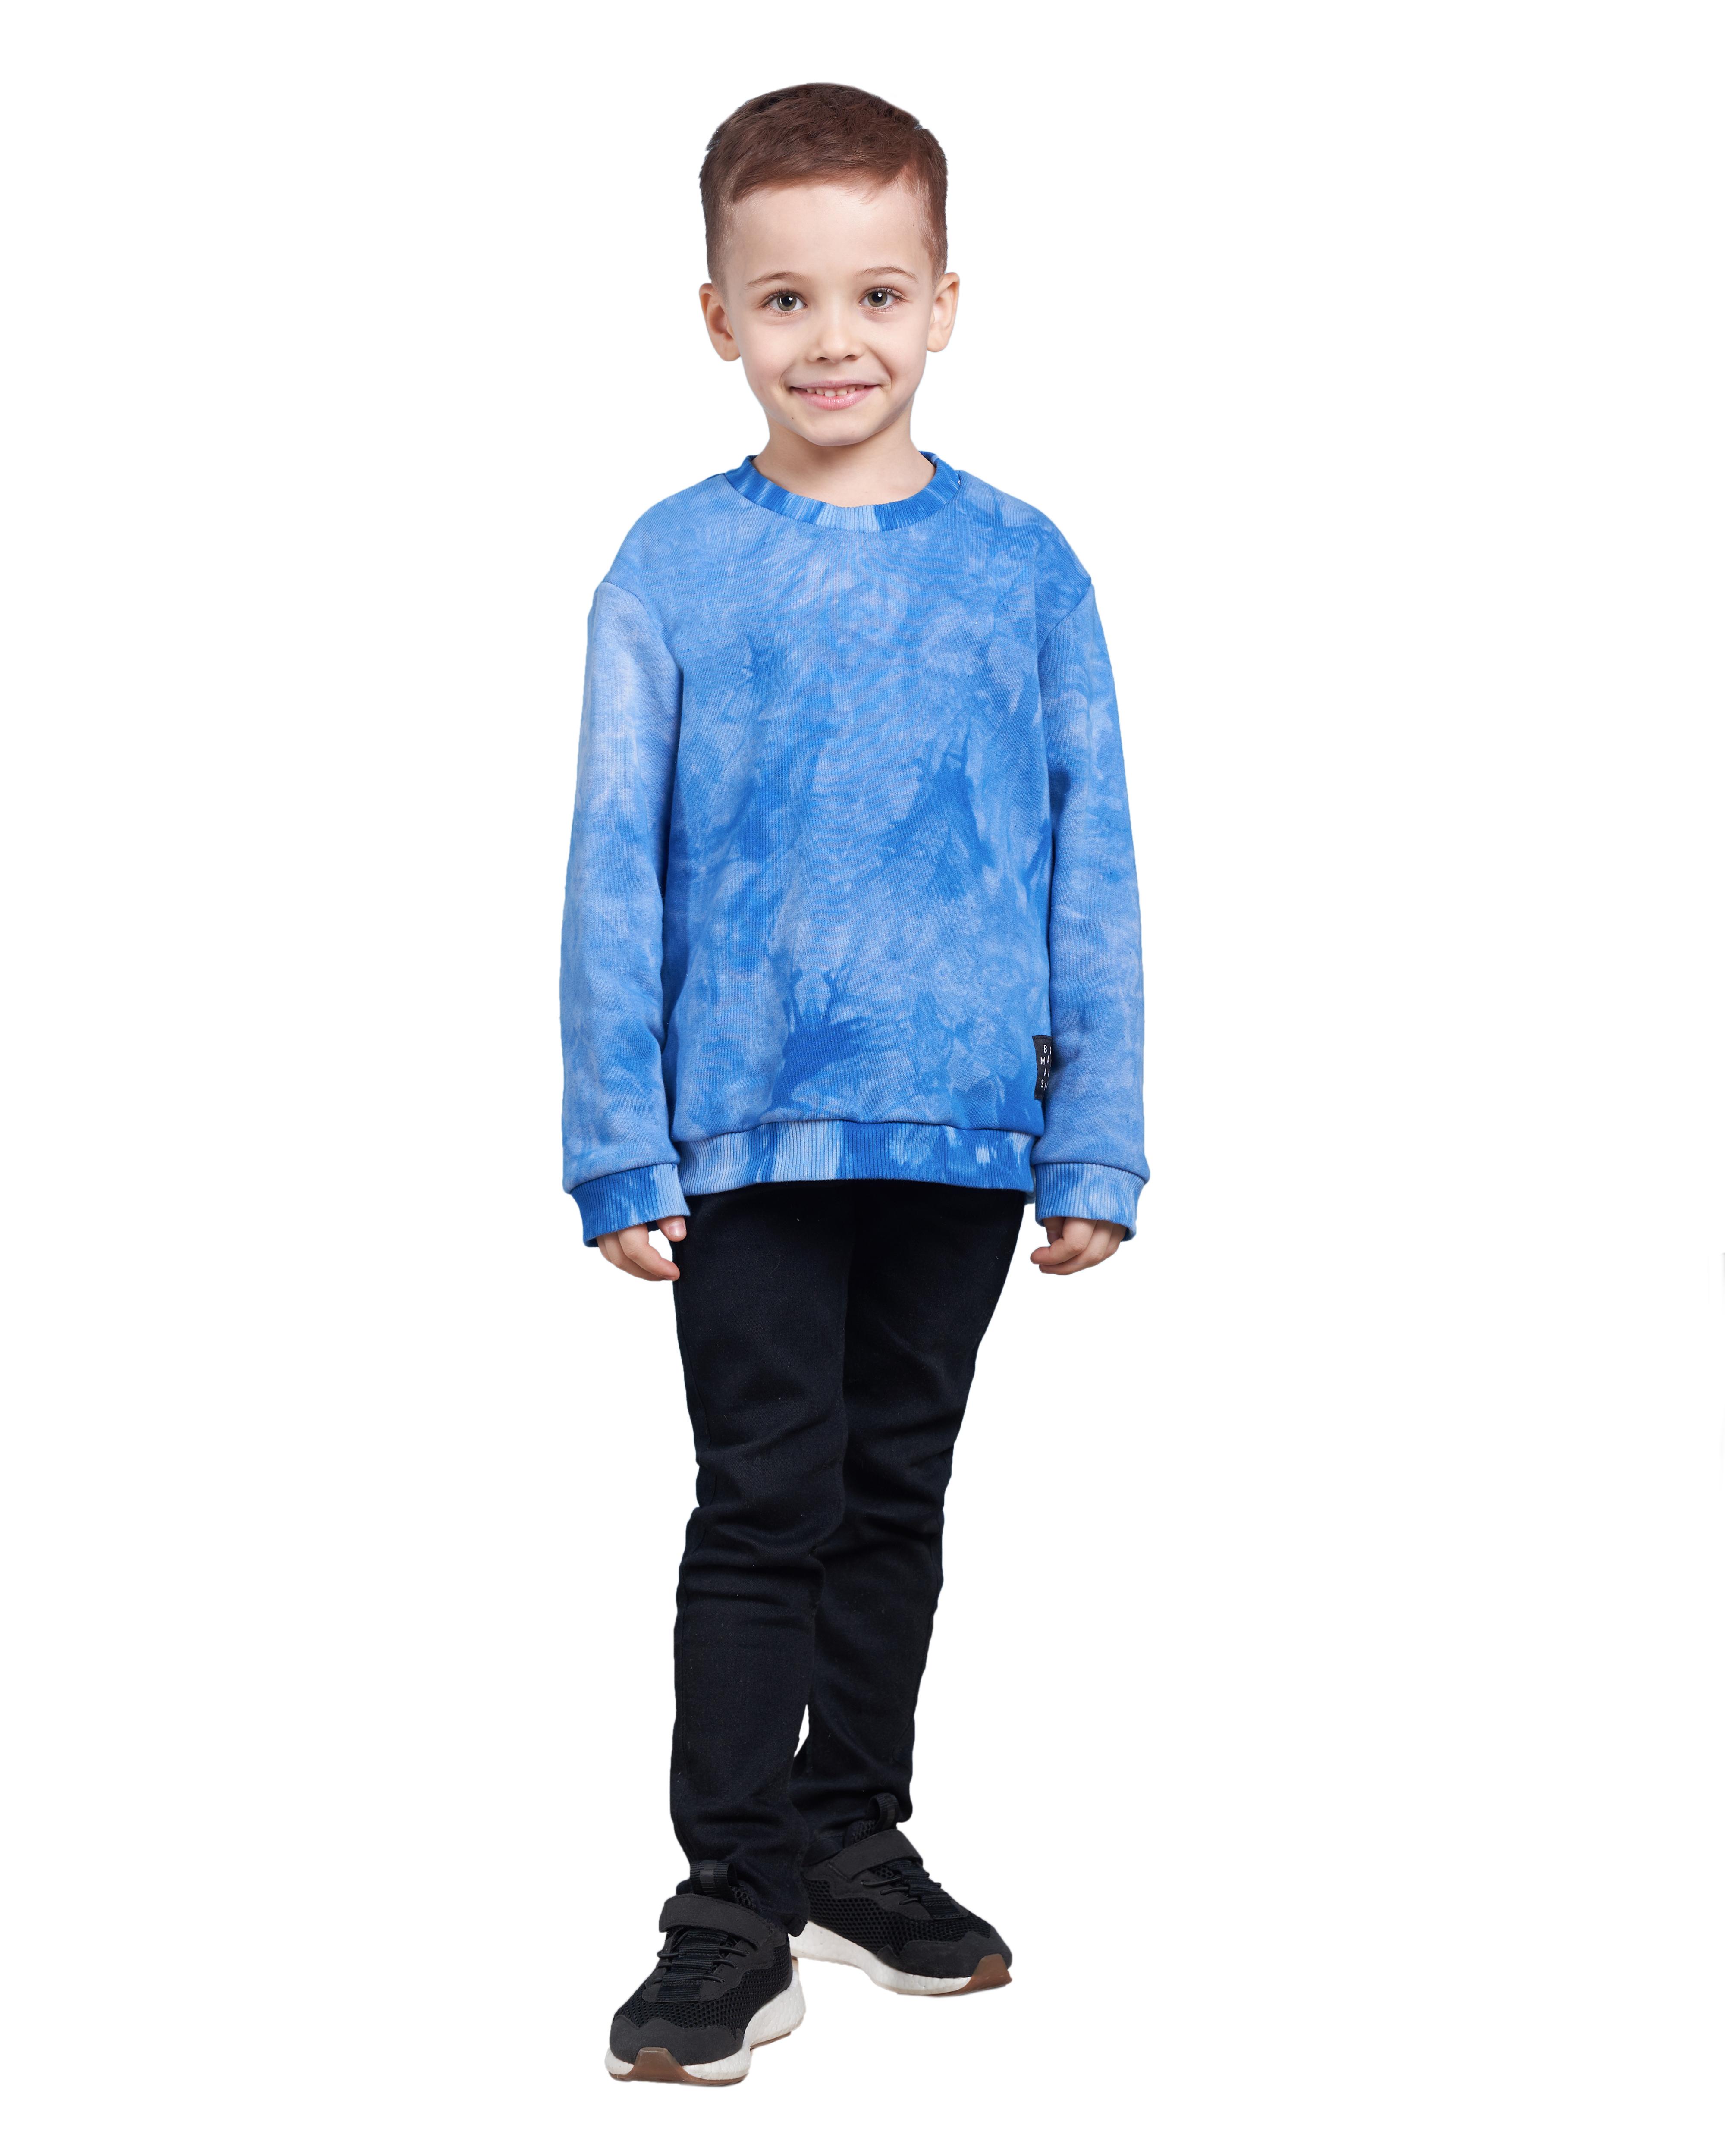 Купить Свитшот детский BARMARISKA Тай Дай синий р.110-116, Толстовки для девочек